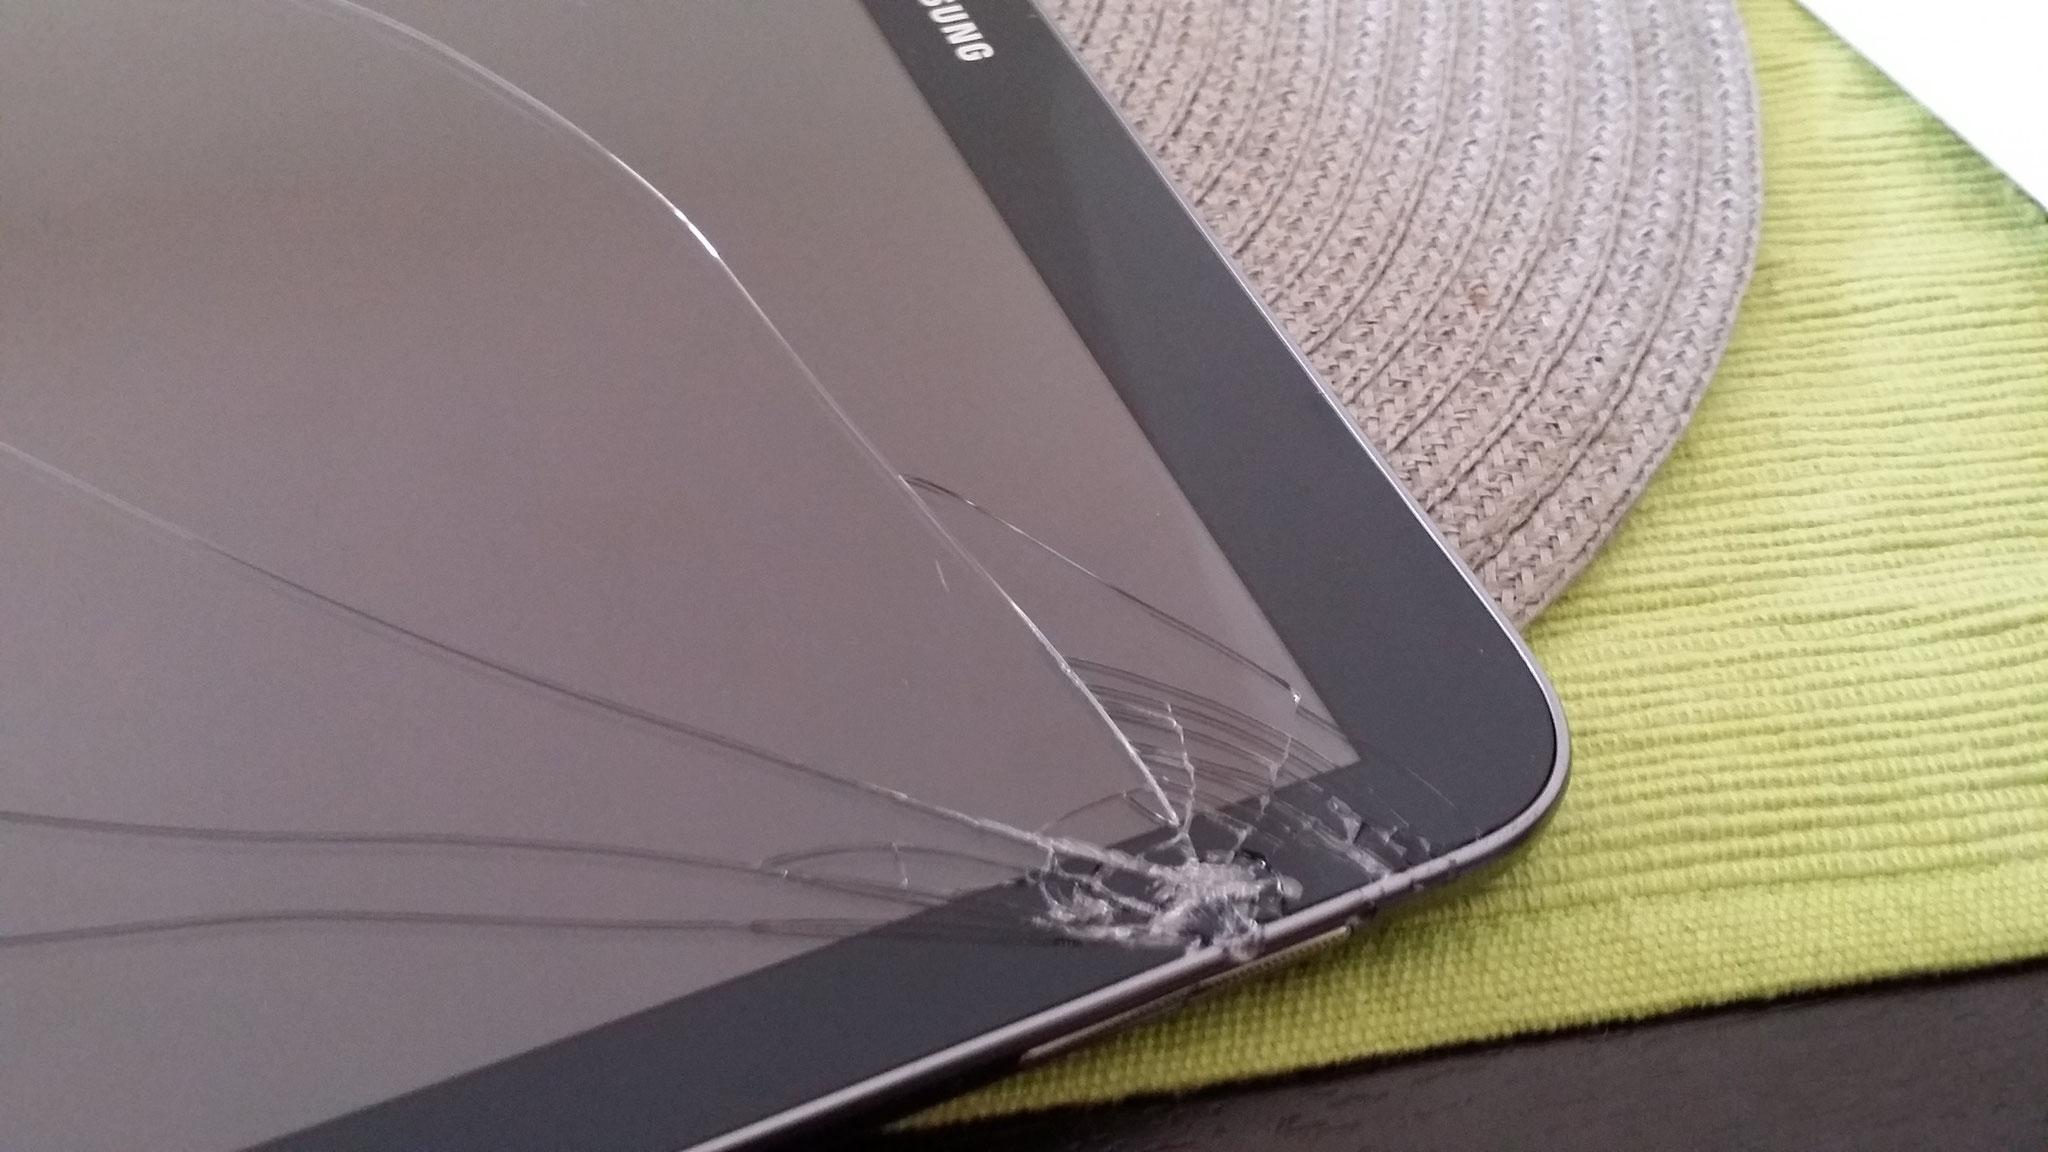 Trotz Hülle ist das Display gebrochen. Austausch des Displays (LCD / Touchscreens) bei iPad und Tablet.